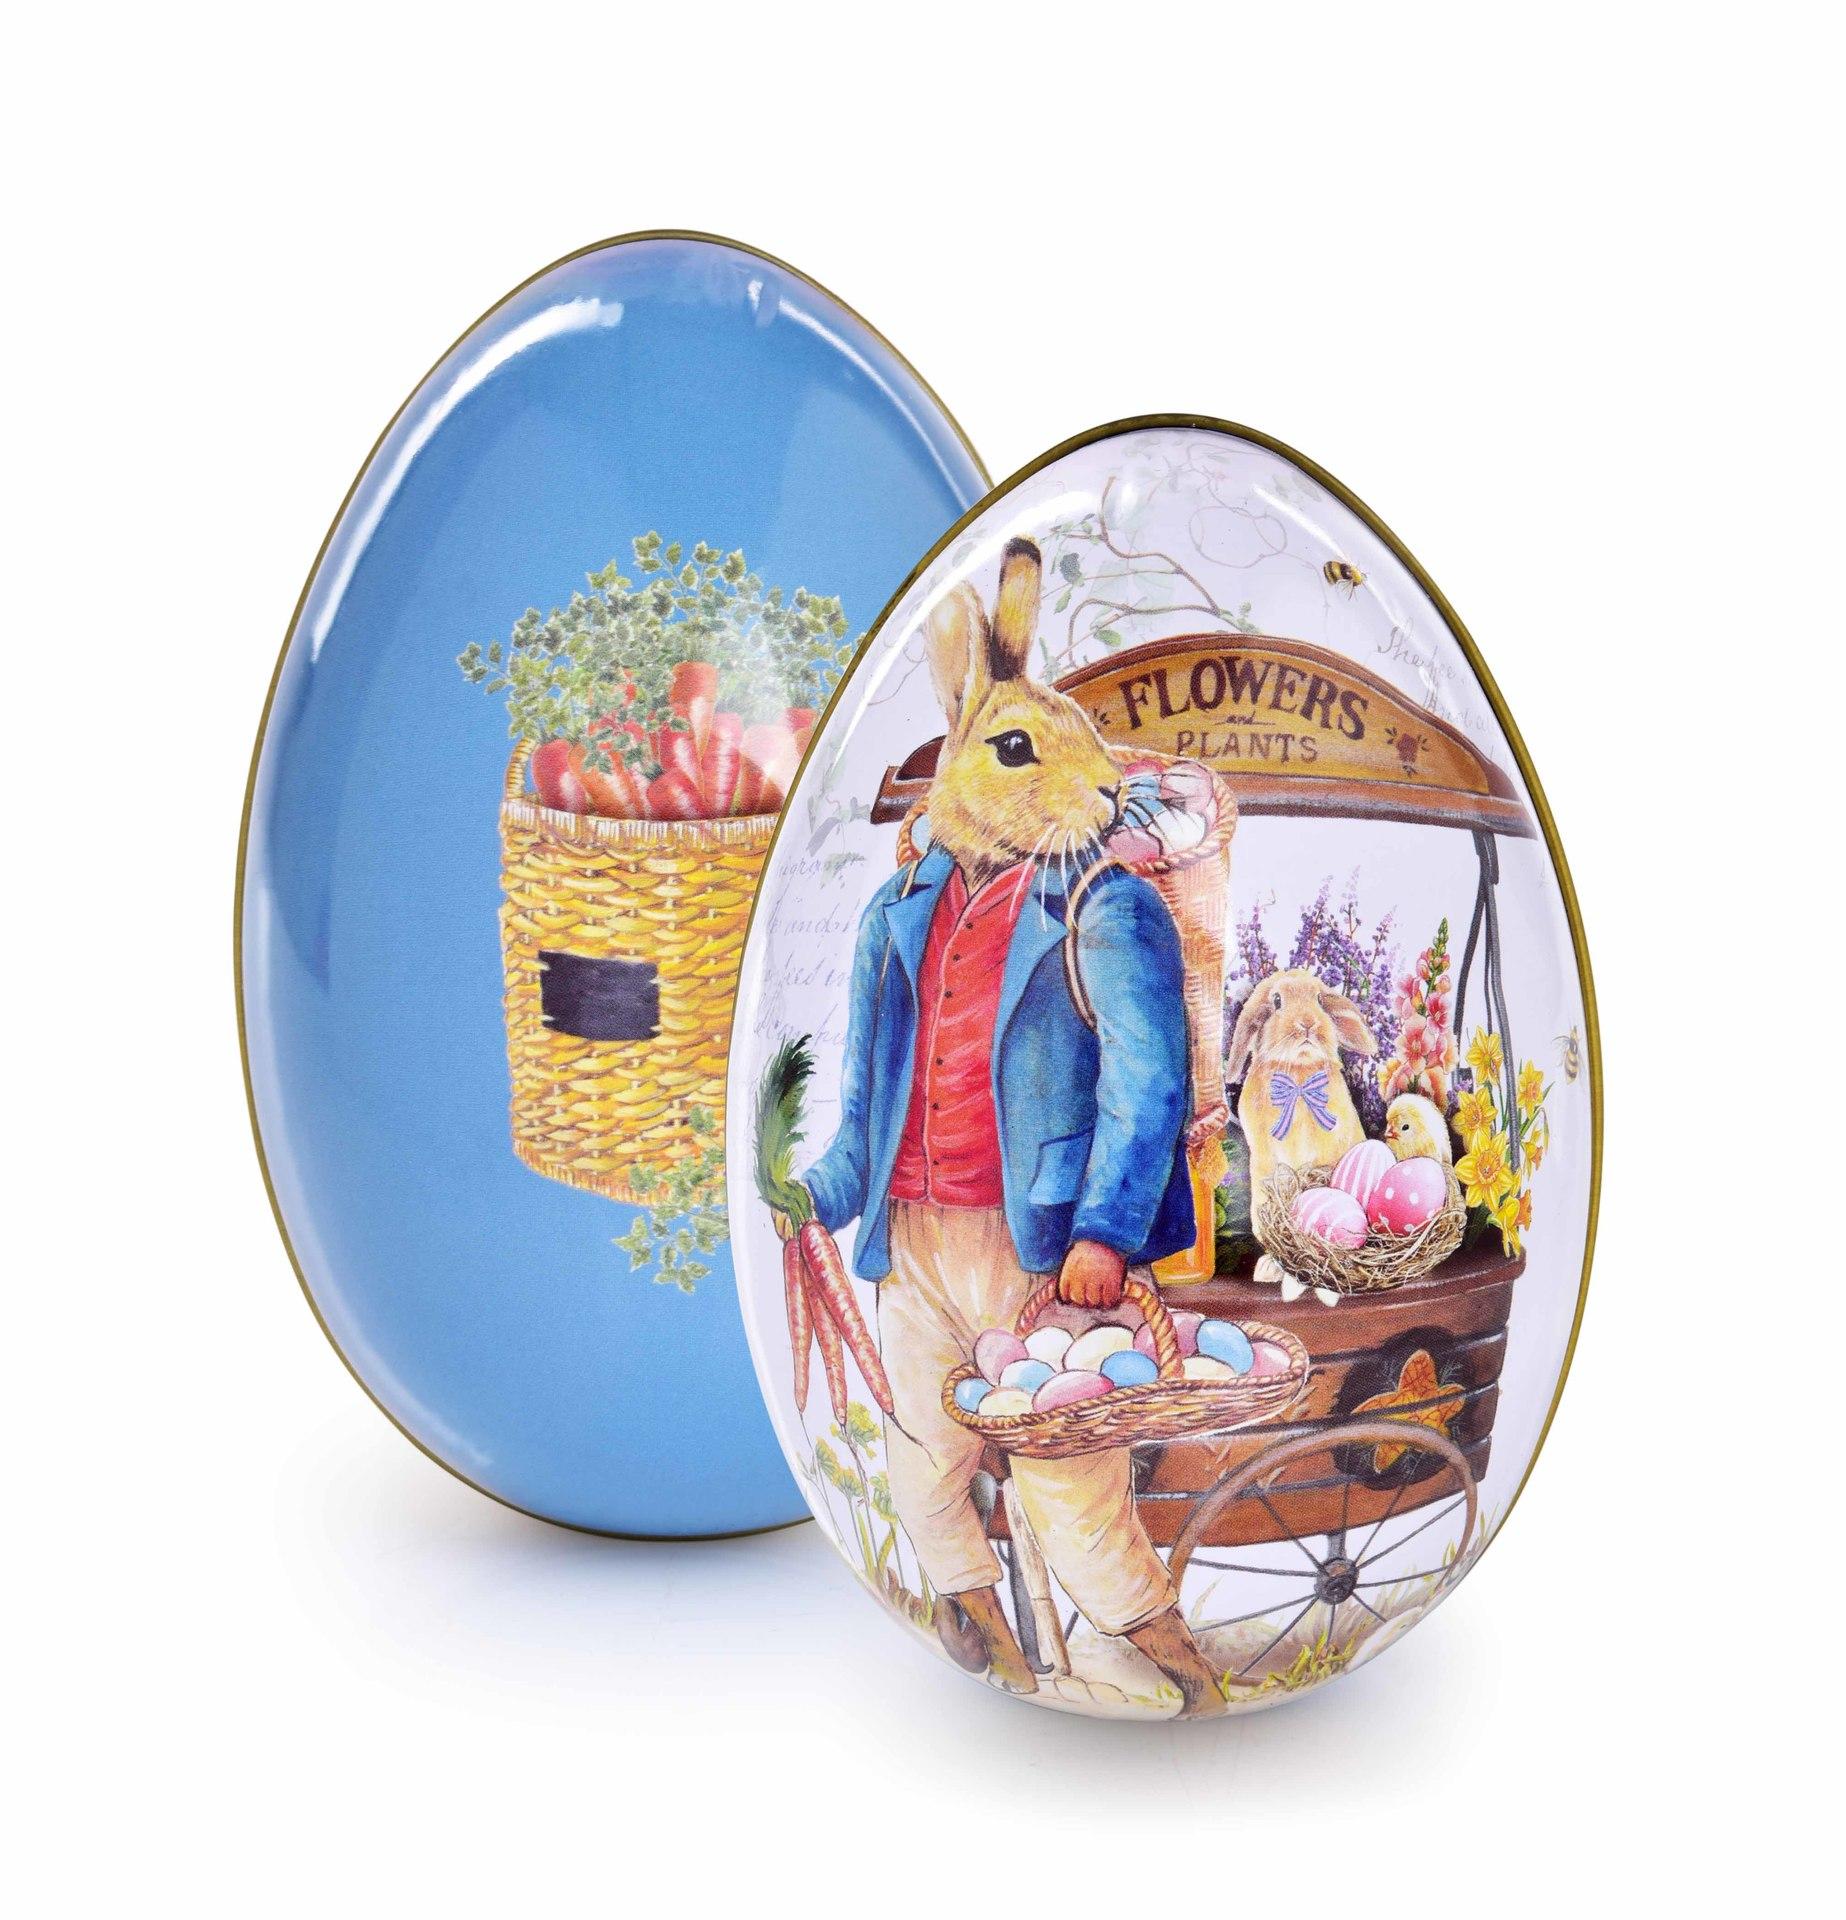 12 cm velké vejce na překvapení pro koledníky, kovové, modré